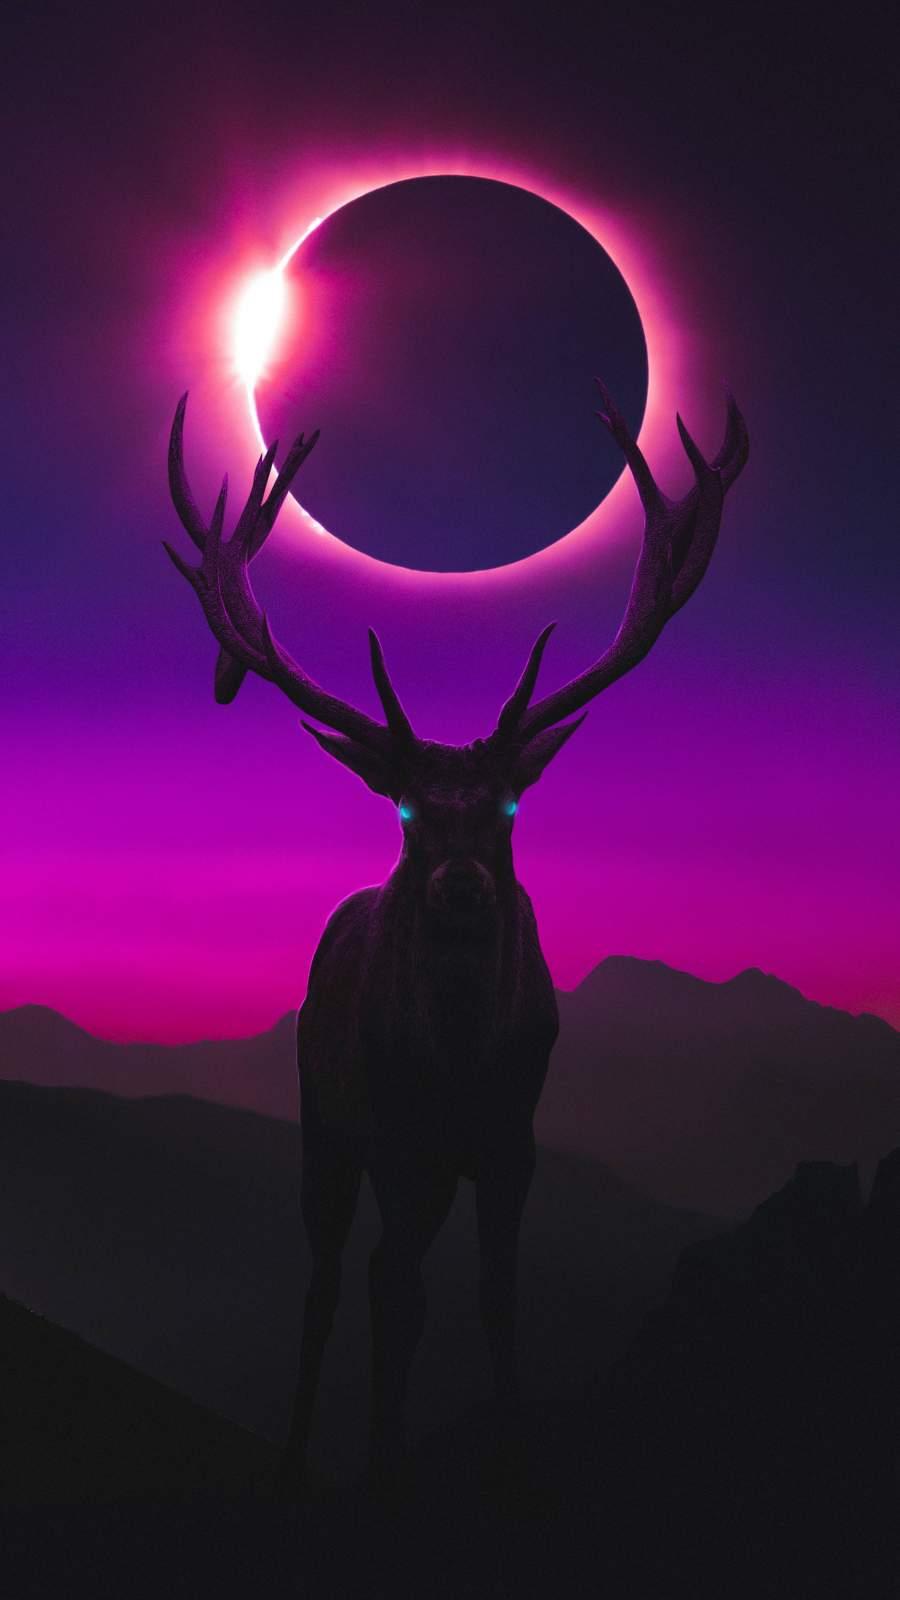 Deer and Moon iPhone Wallpaper